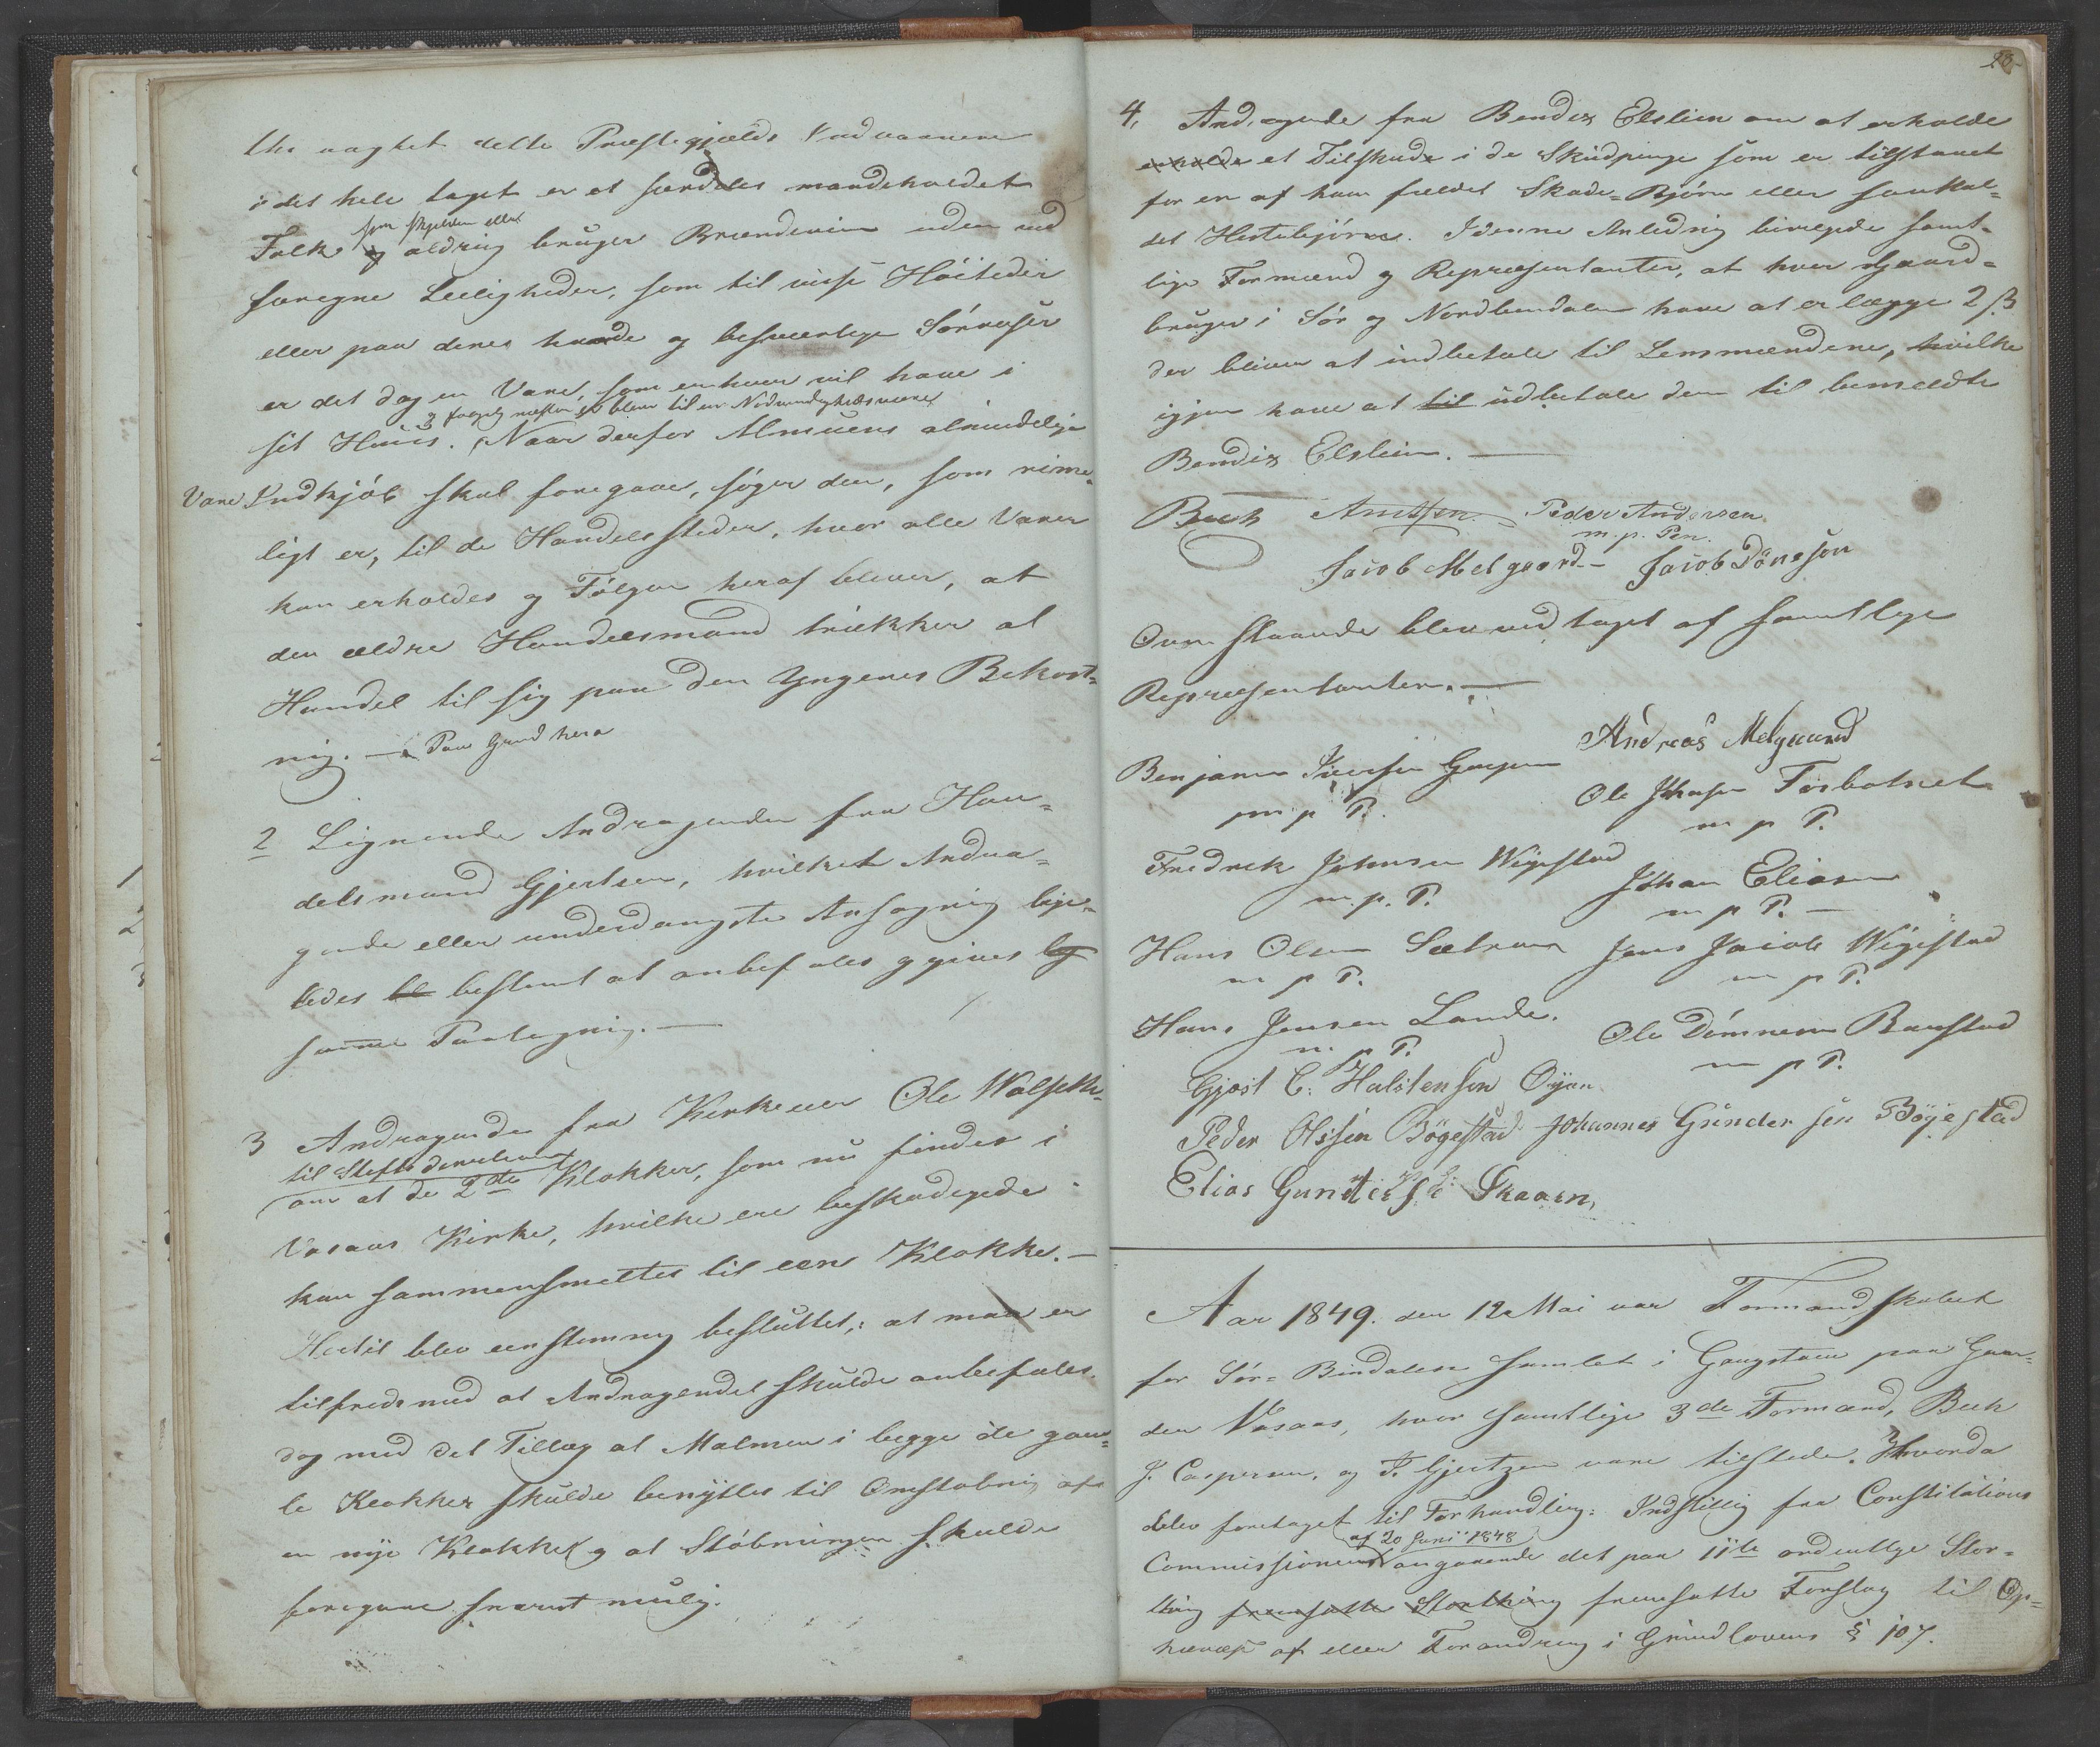 AIN, Bindal kommune. Formannskapet, A/Aa/L0000a: Møtebok, 1843-1881, s. 28